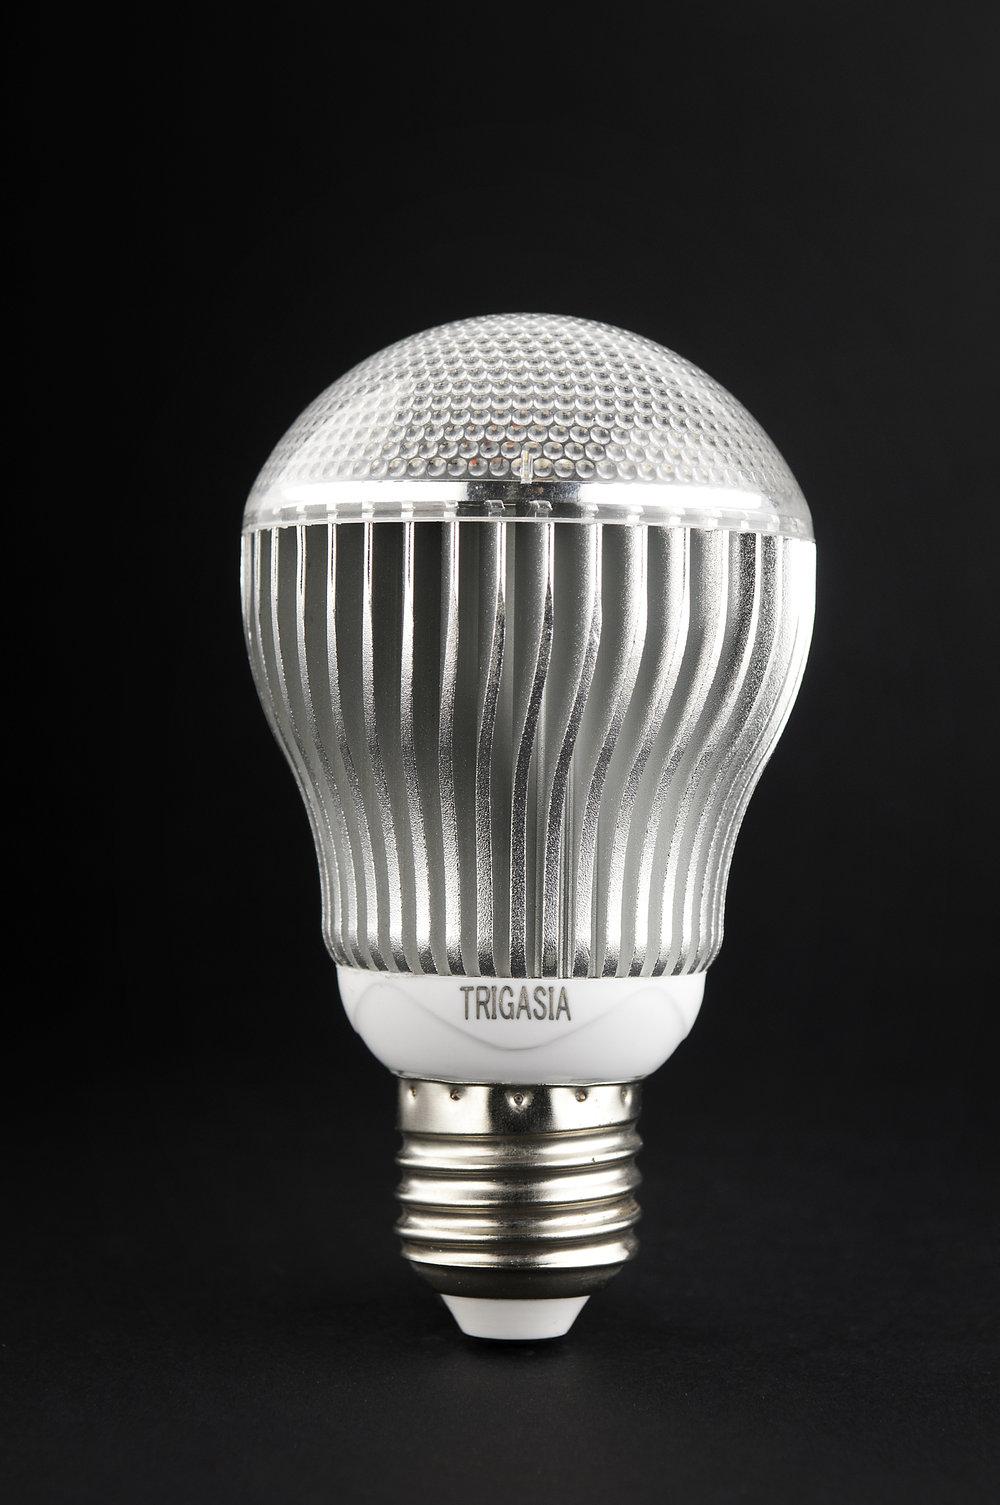 SERIE TG LED Lampadina corpo Alluminio, óptica policarbonate Trasparente E27 5x5W